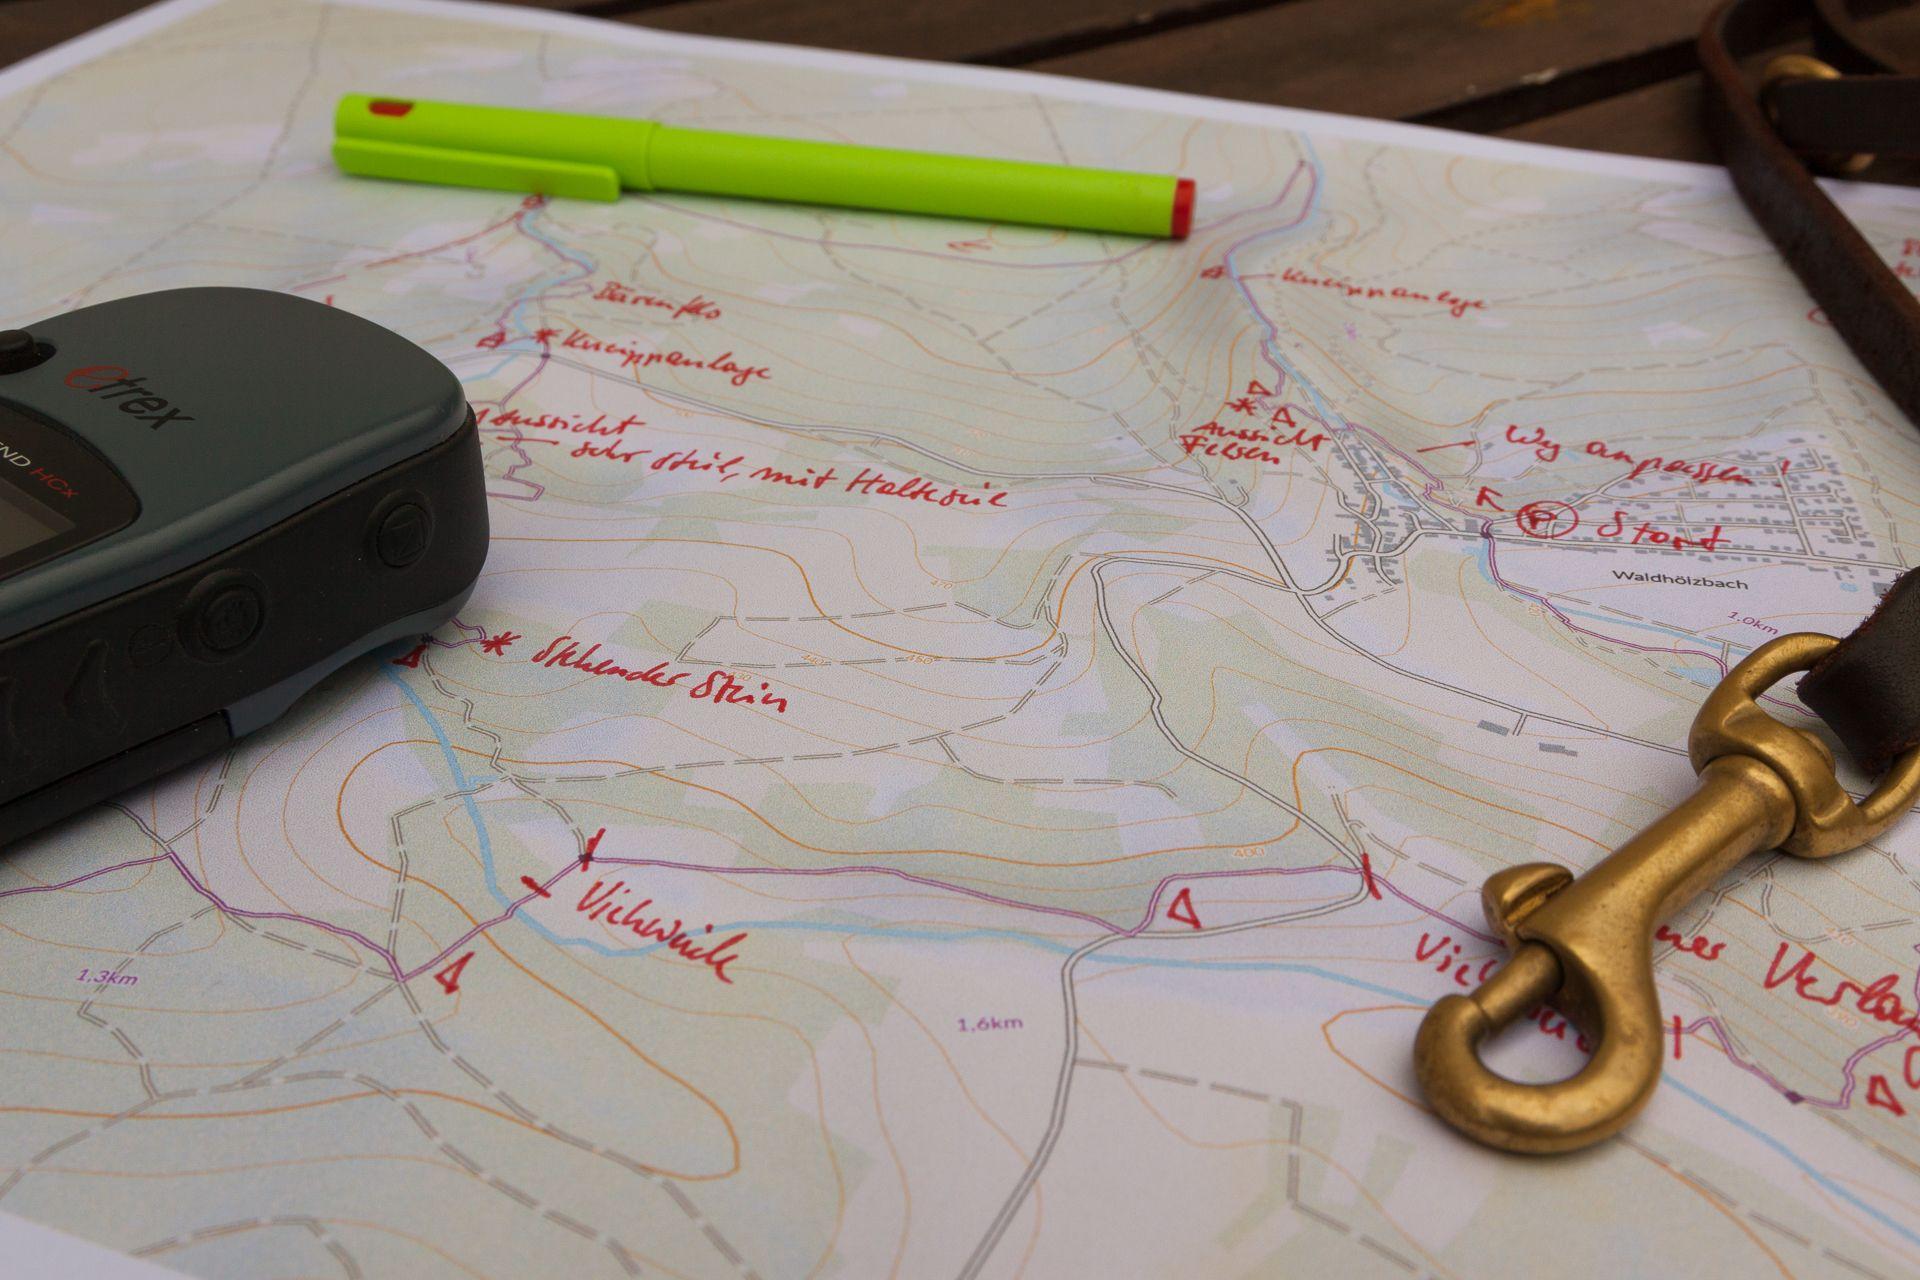 Kartierung Wanderkarte Felsenweg - Arrangement mit GPS, Stift und Hundeleine